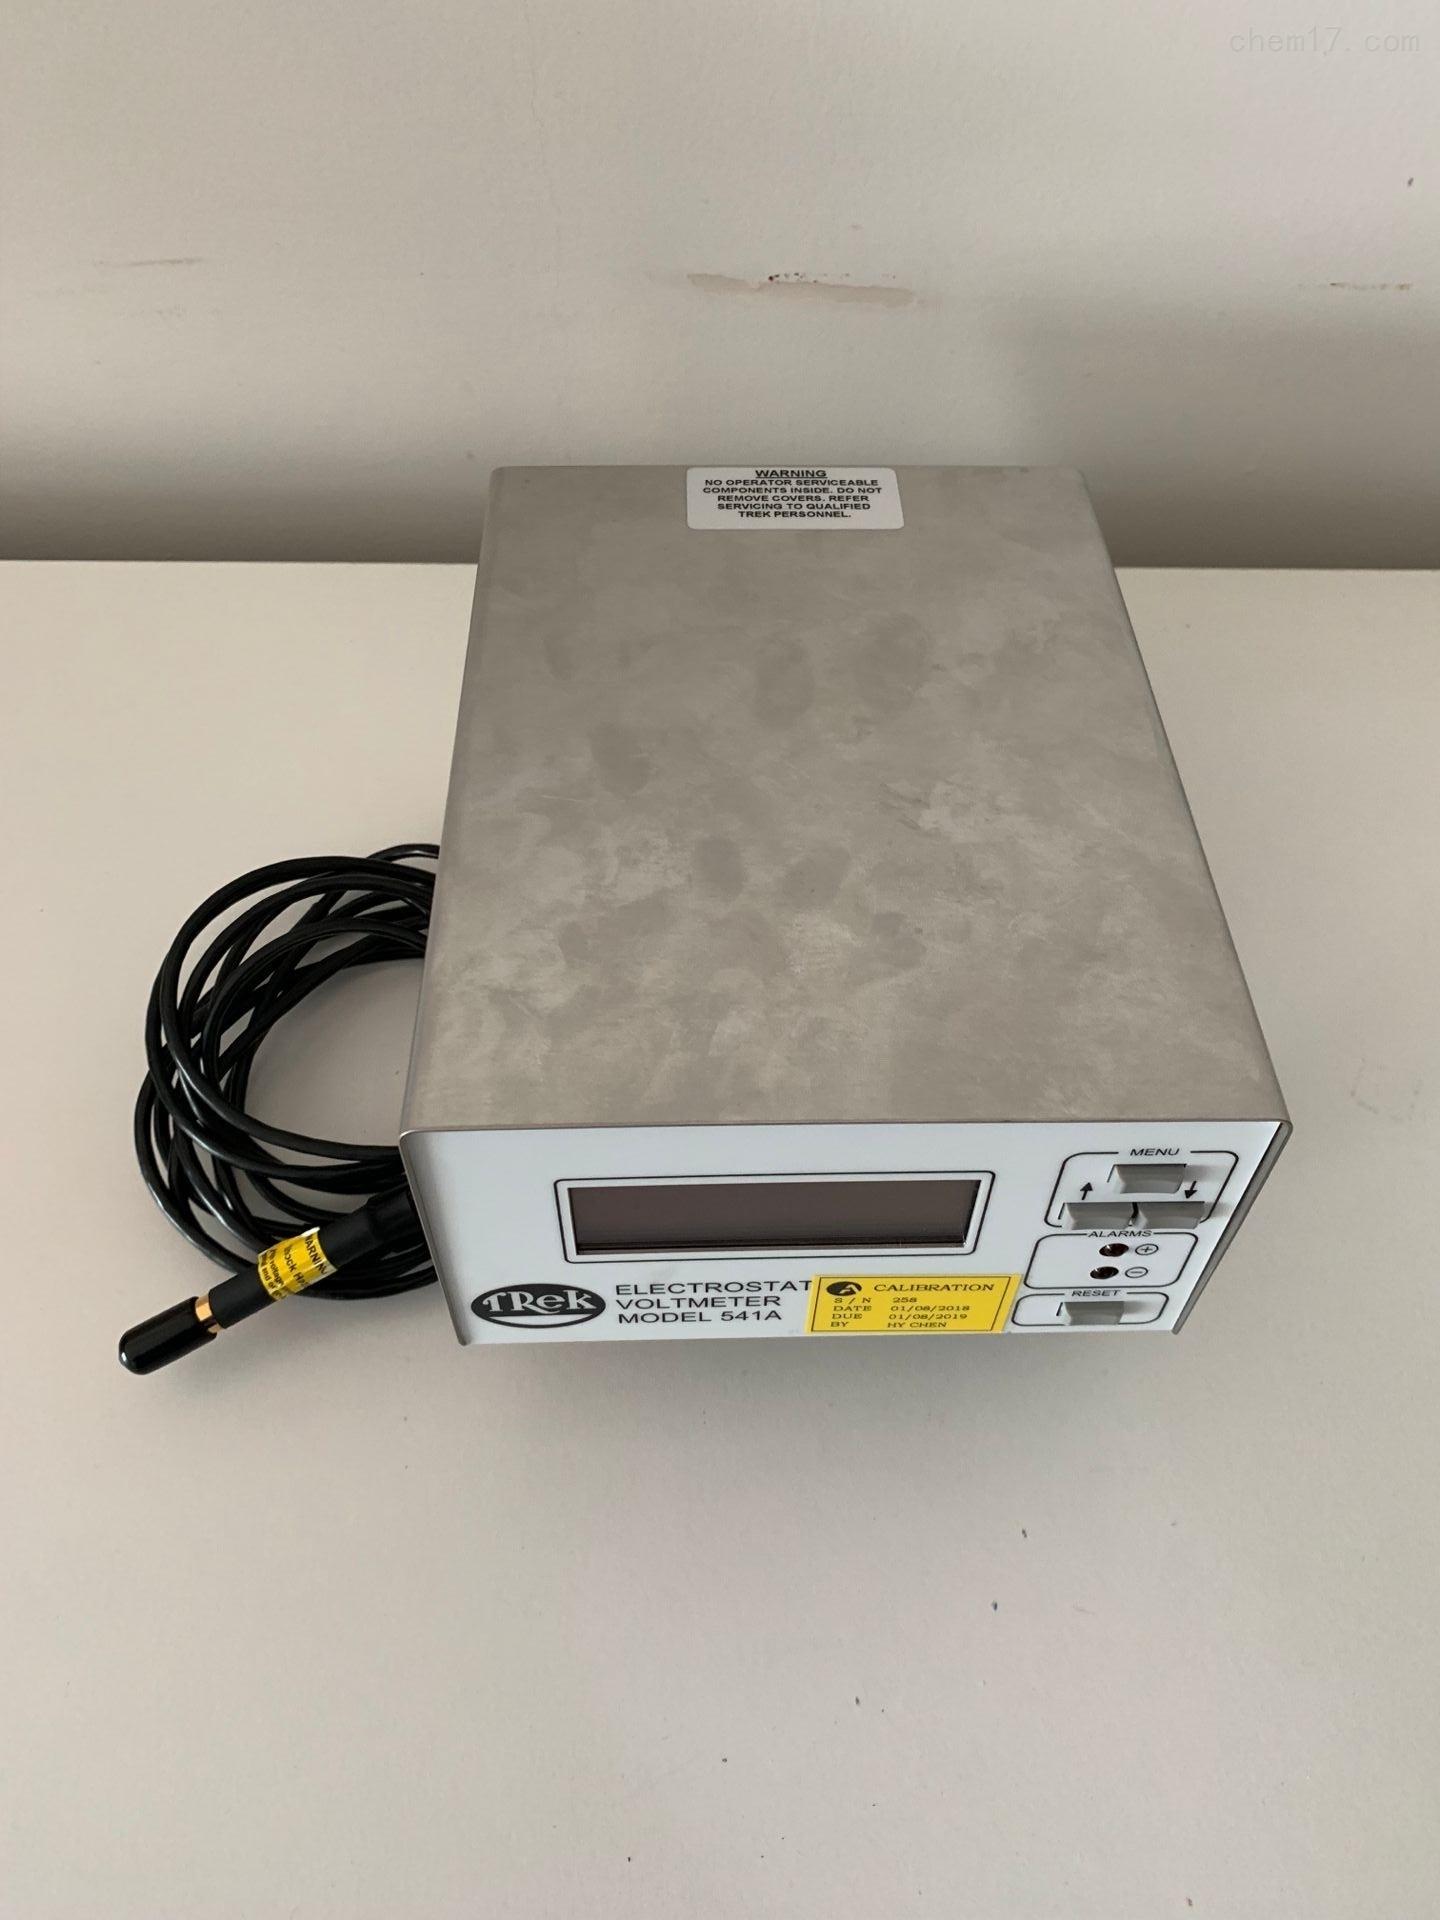 美国TREK Model 541A静电压监视仪